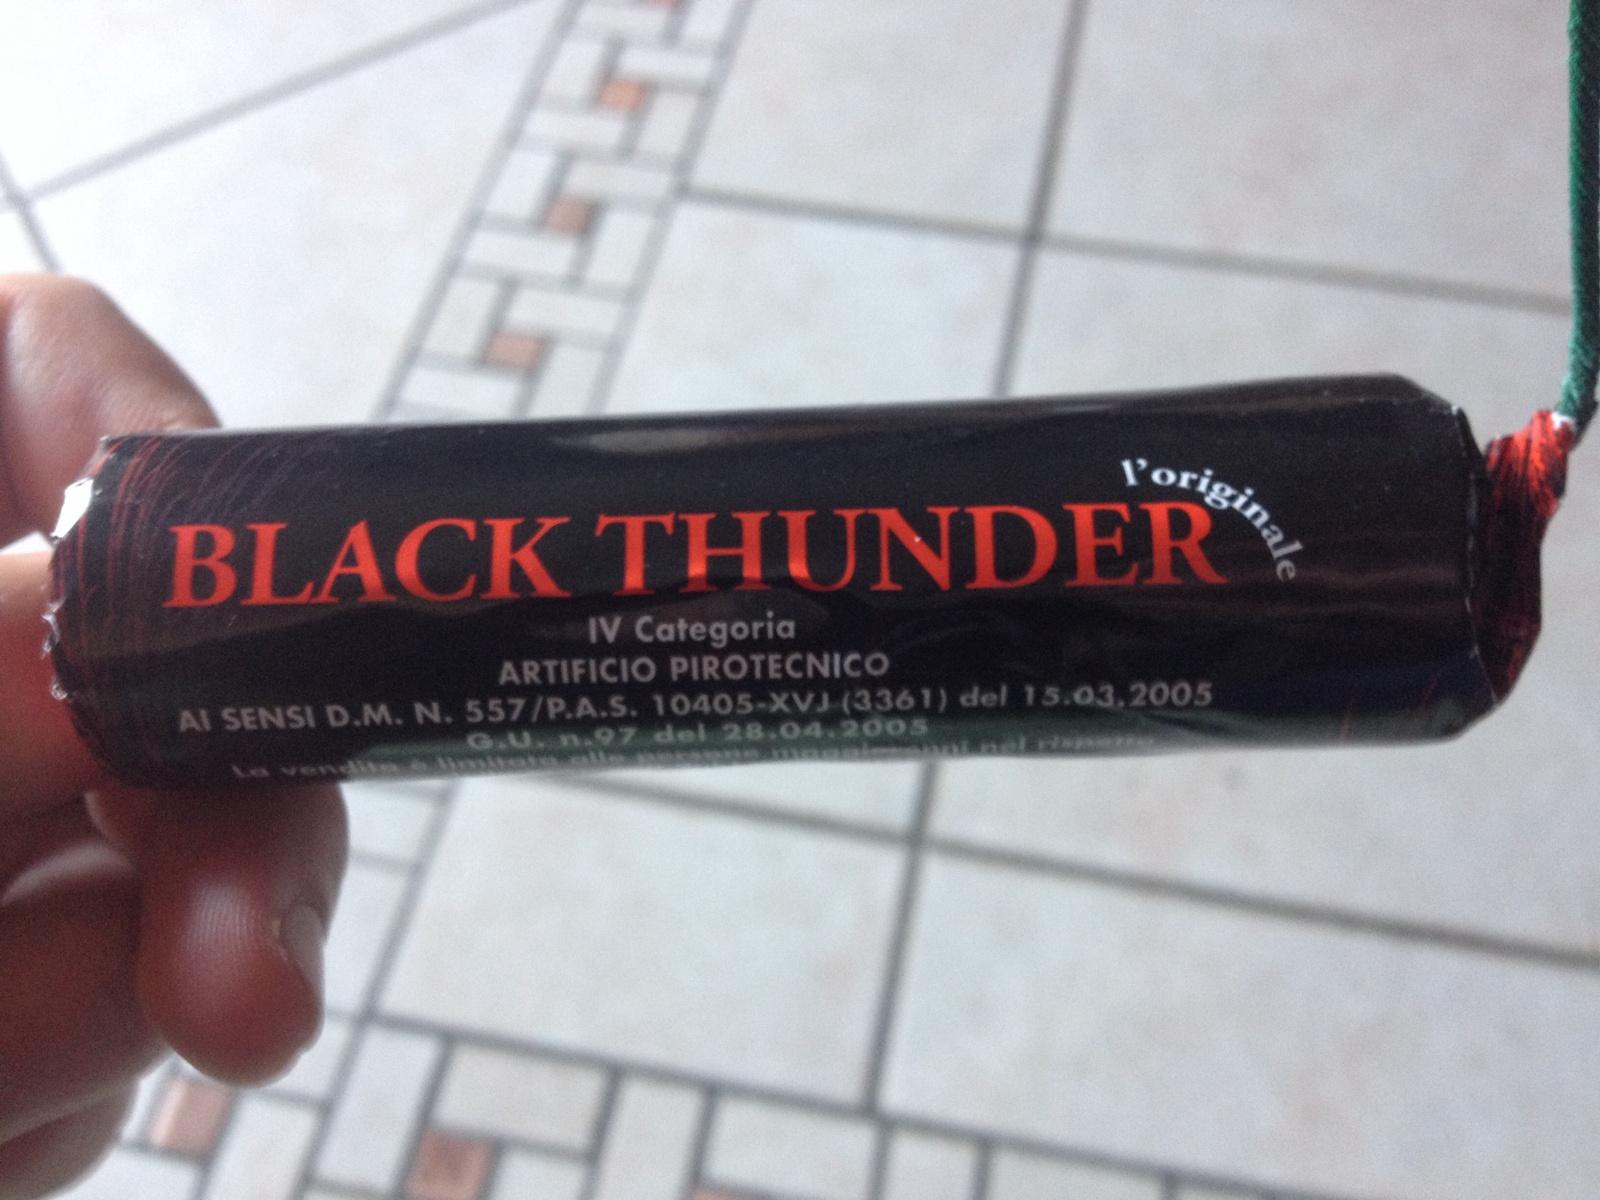 Calcio, trovata con un black thunder durante la partita Catania-Catanzaro: daspo